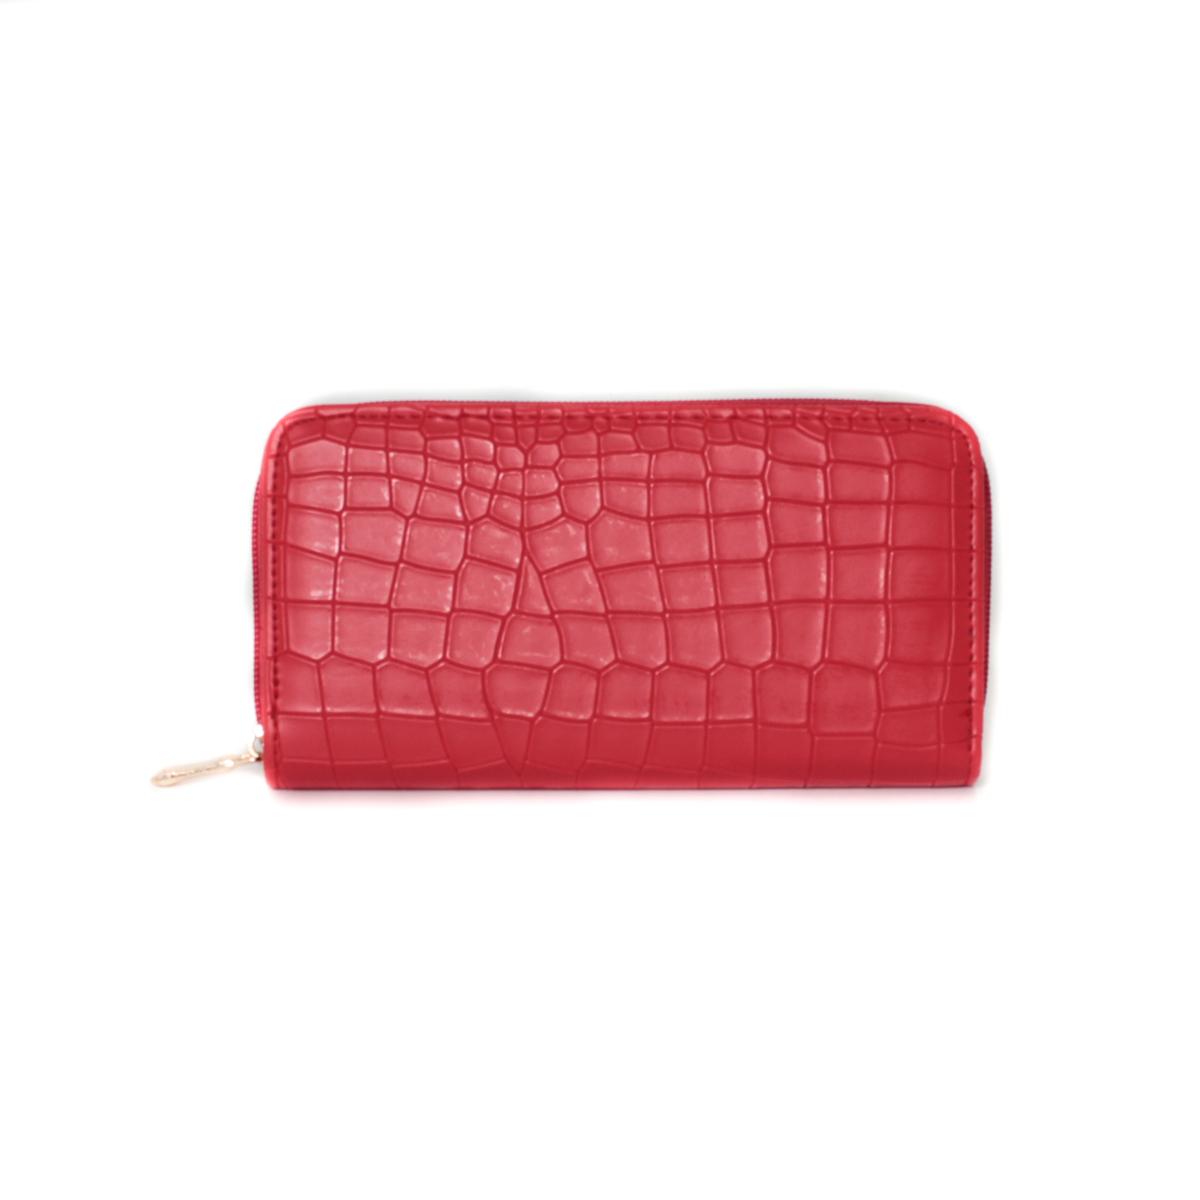 Кошелек женский Leighton, цвет: красный. 0005308400053084Закрывается на молнию. Внутри есть кармашки для карточек и визиток, два отделения для купюр и одно отделение на молнии.